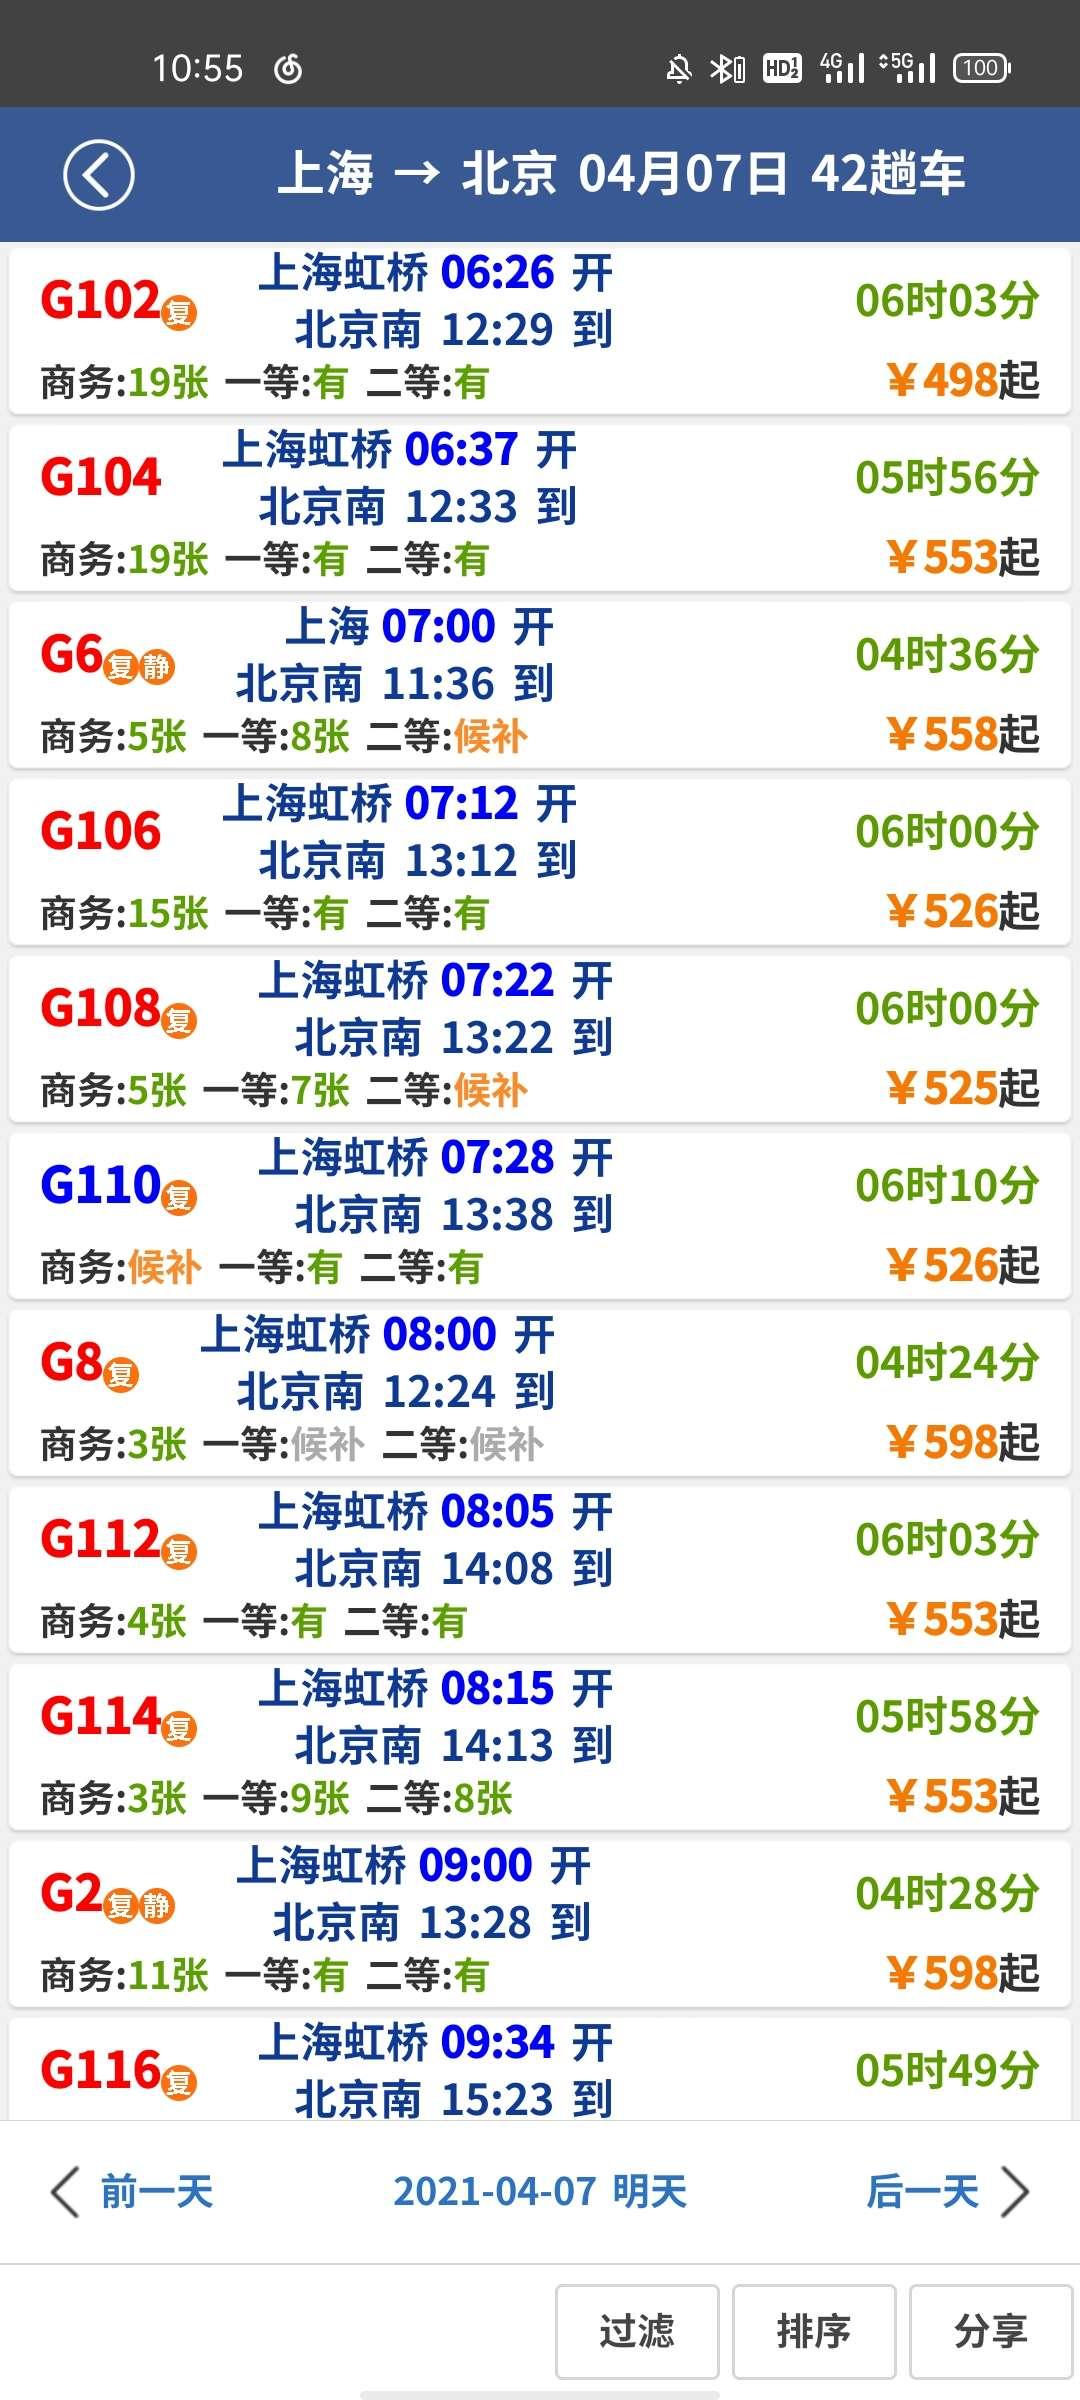 路路通手机时刻表✾绿化版✾火车发车时间、余票查询